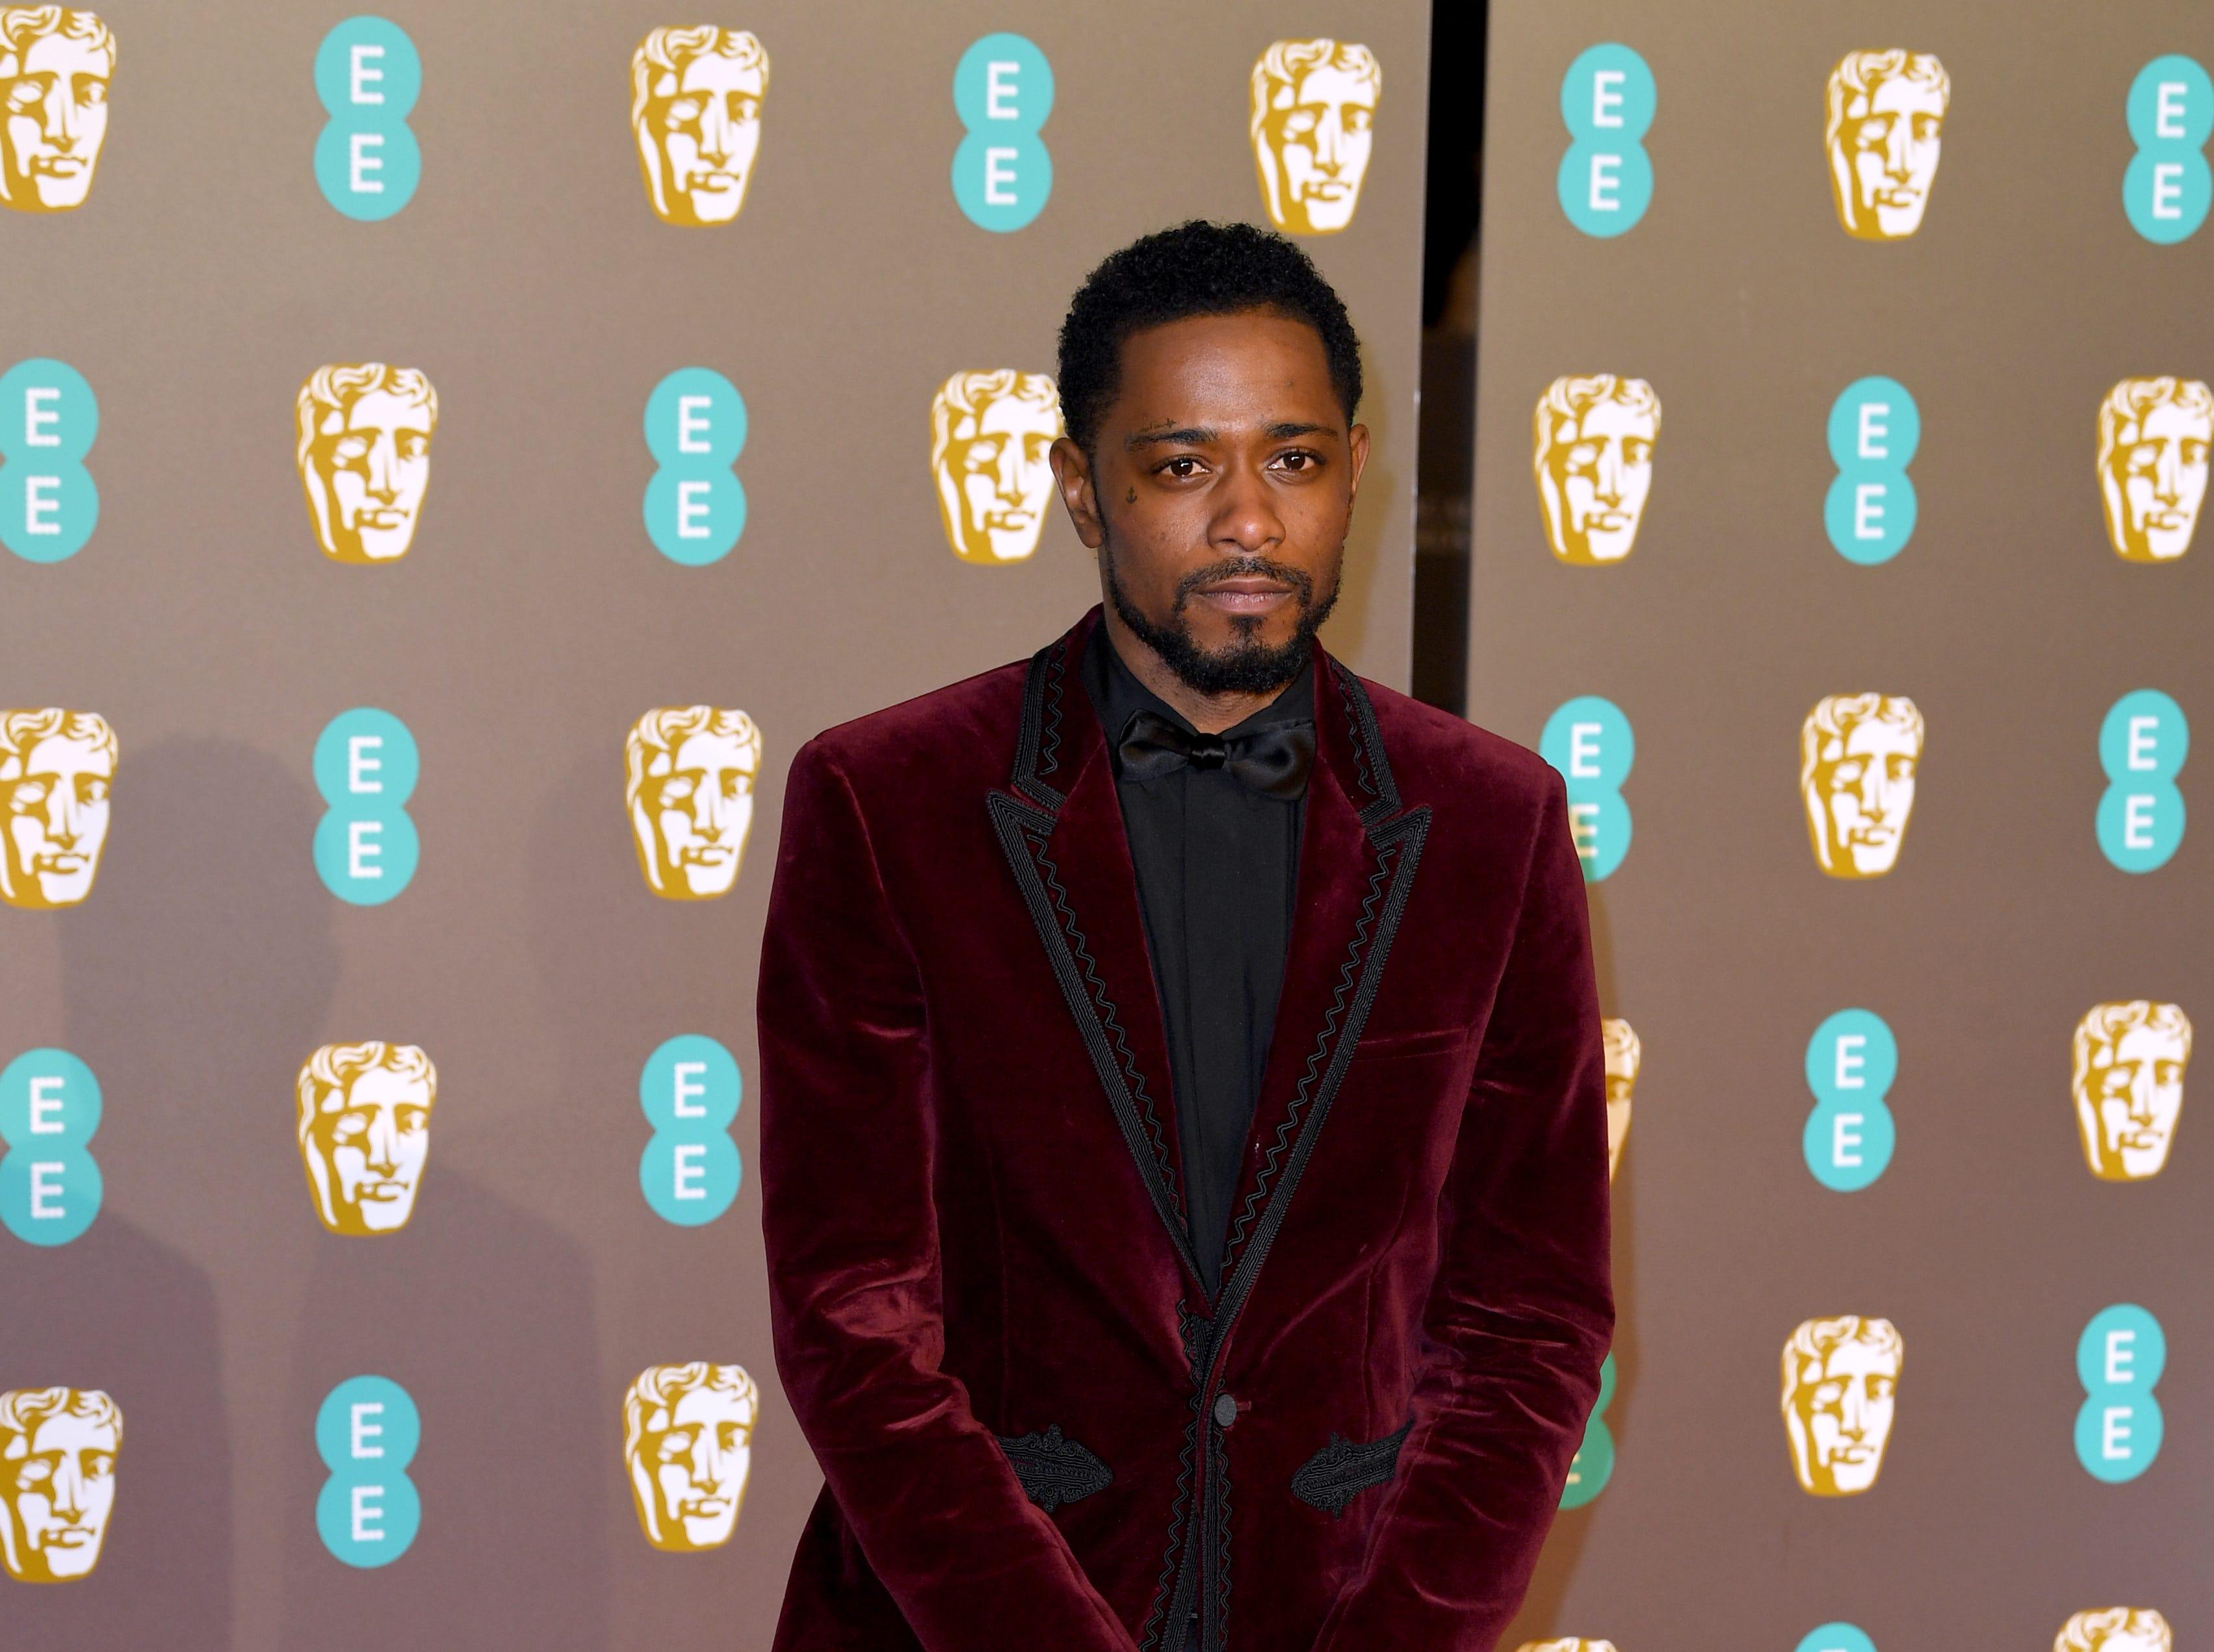 Keith Stanfield a su llegada a la alfombra roja de los Premios de la Academia Británica de Cine BAFTA en el Royal Albert Hall en Londres el 10 de febrero de 2019.